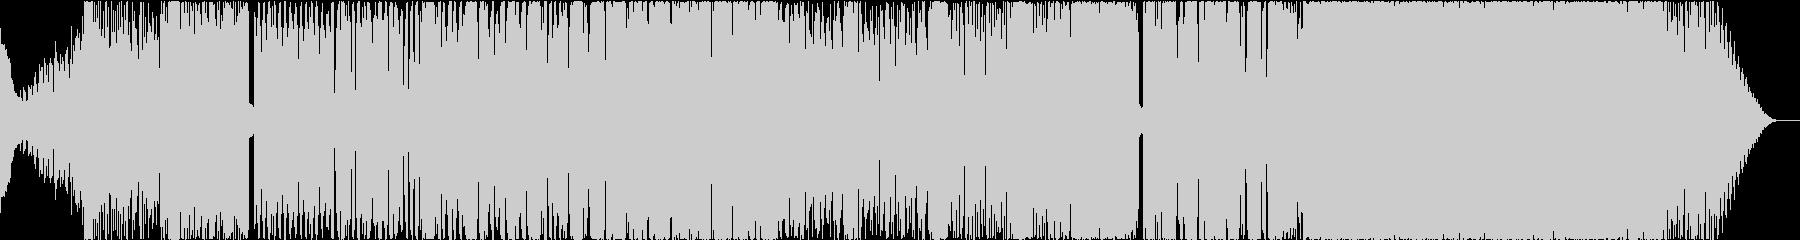 実験音楽でエレクトロニックな曲の未再生の波形